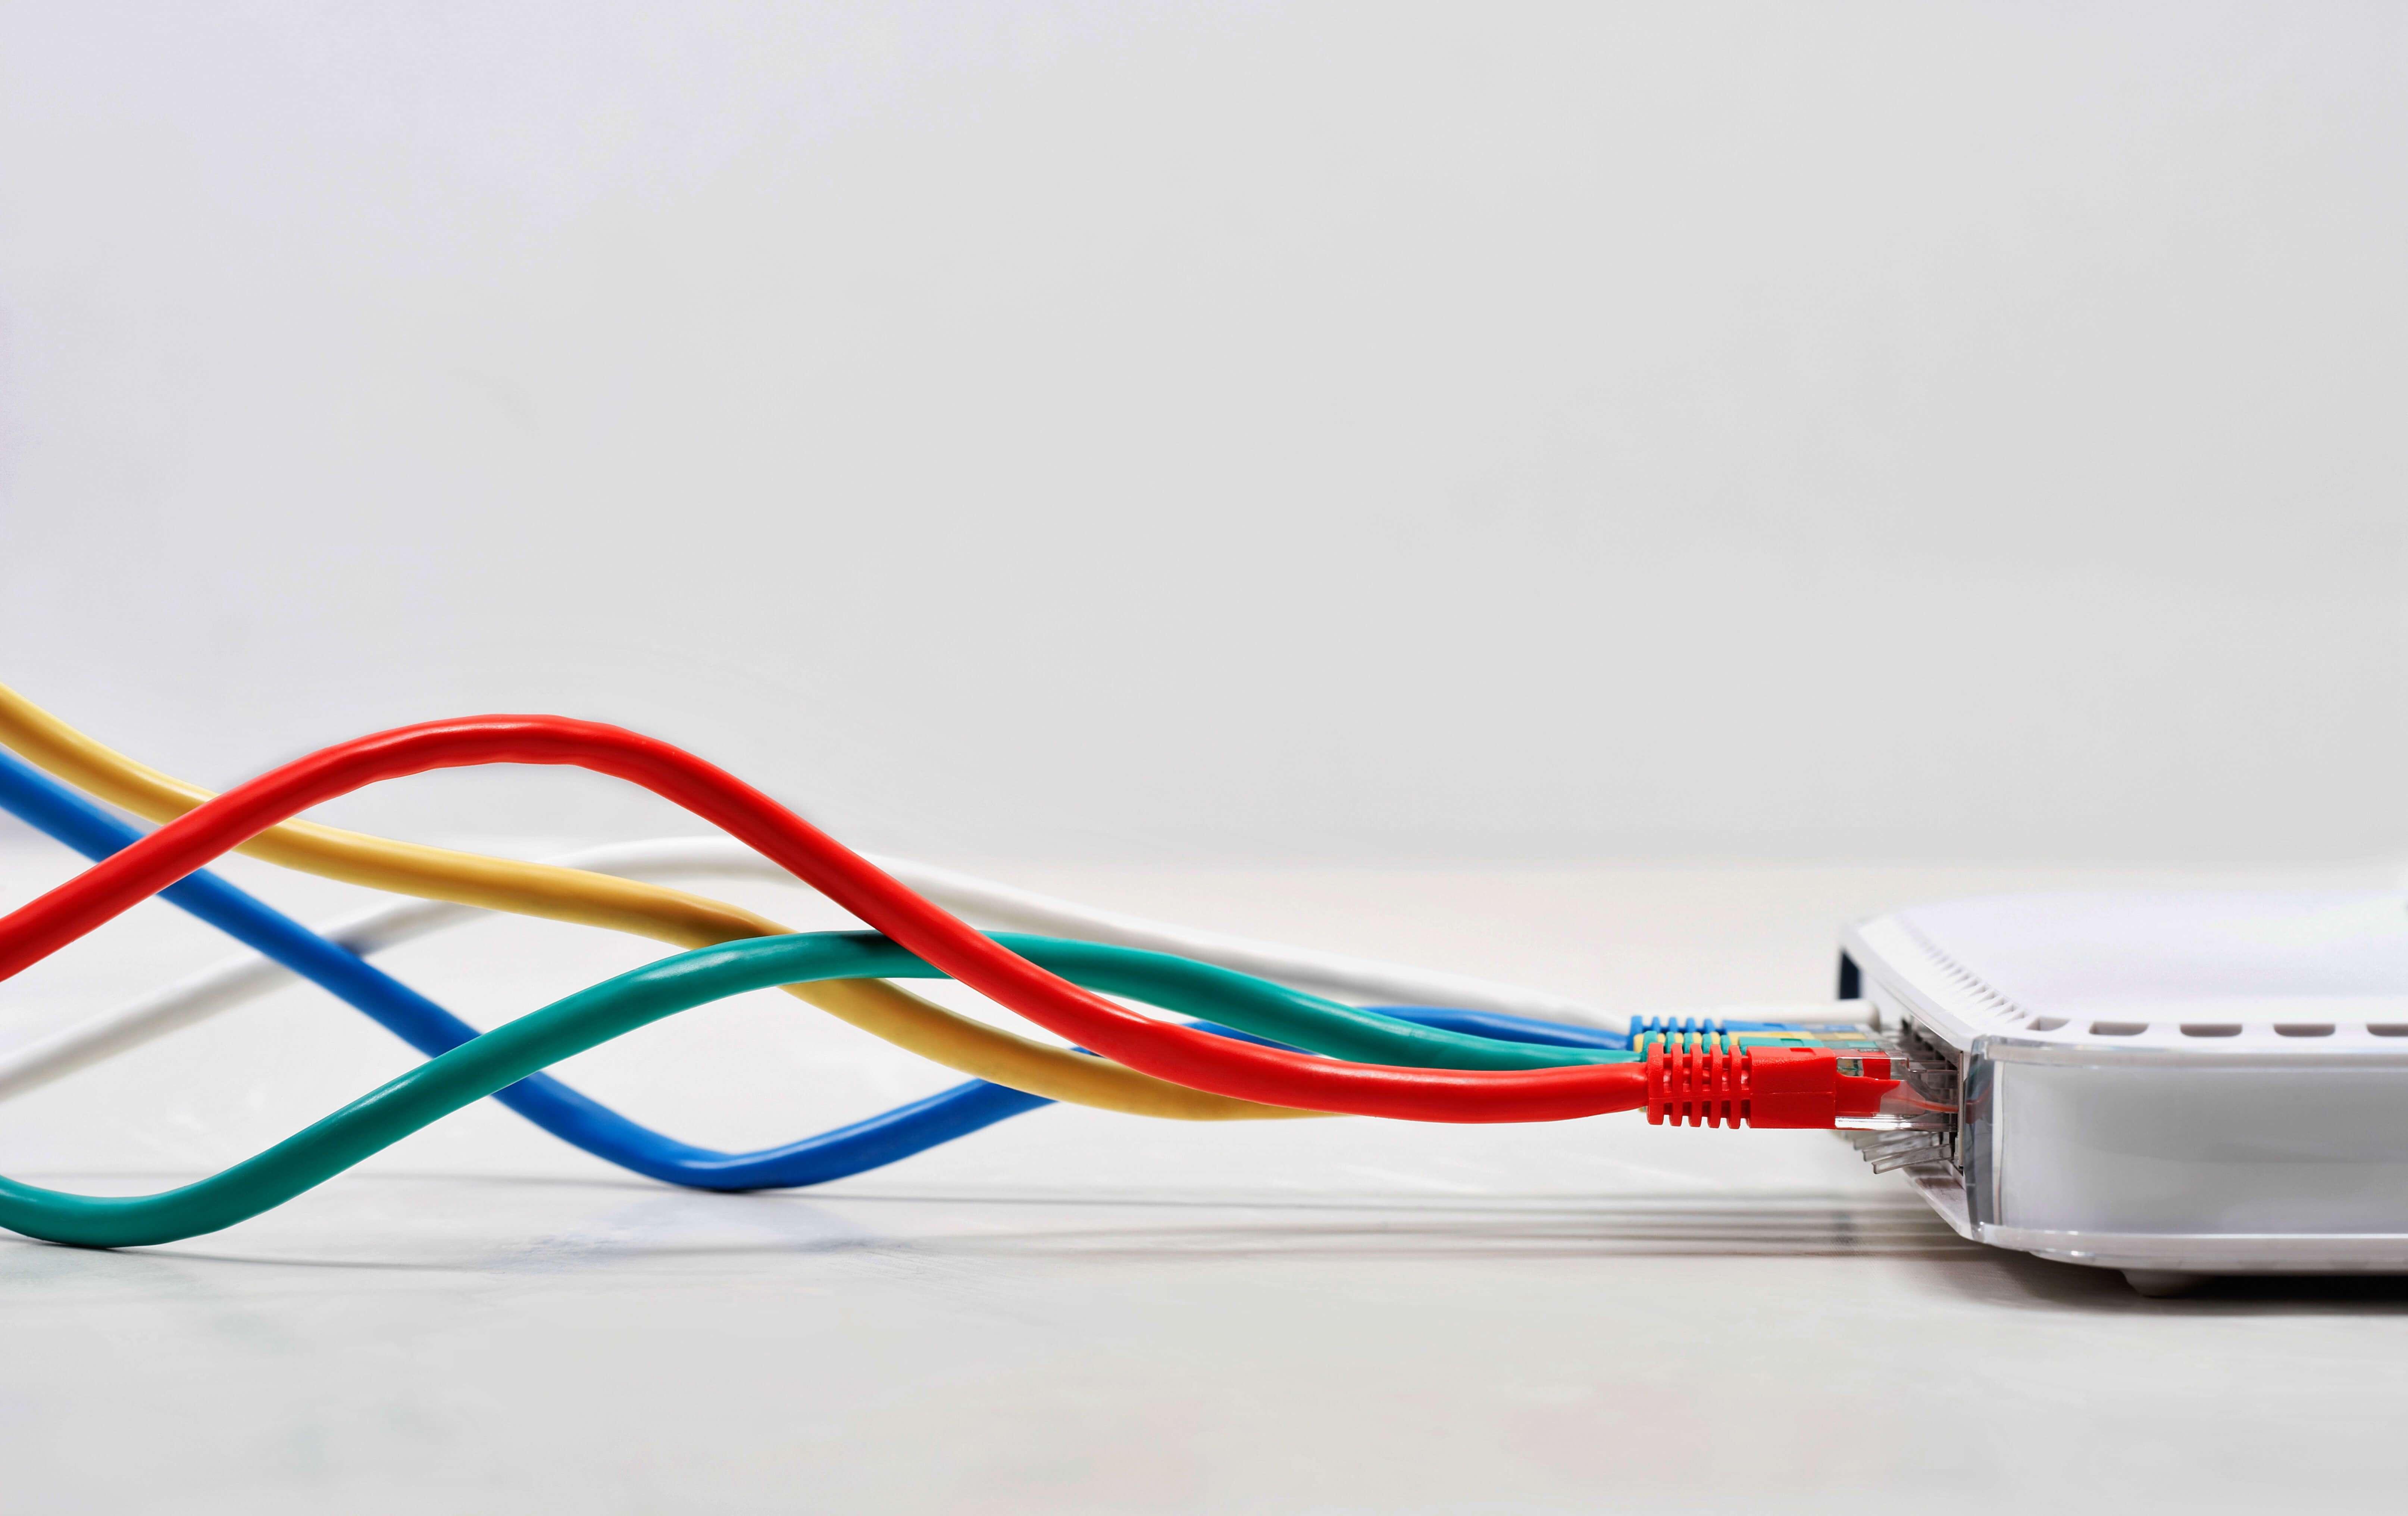 Baja conectividad de banda ancha afecta la conectividad social